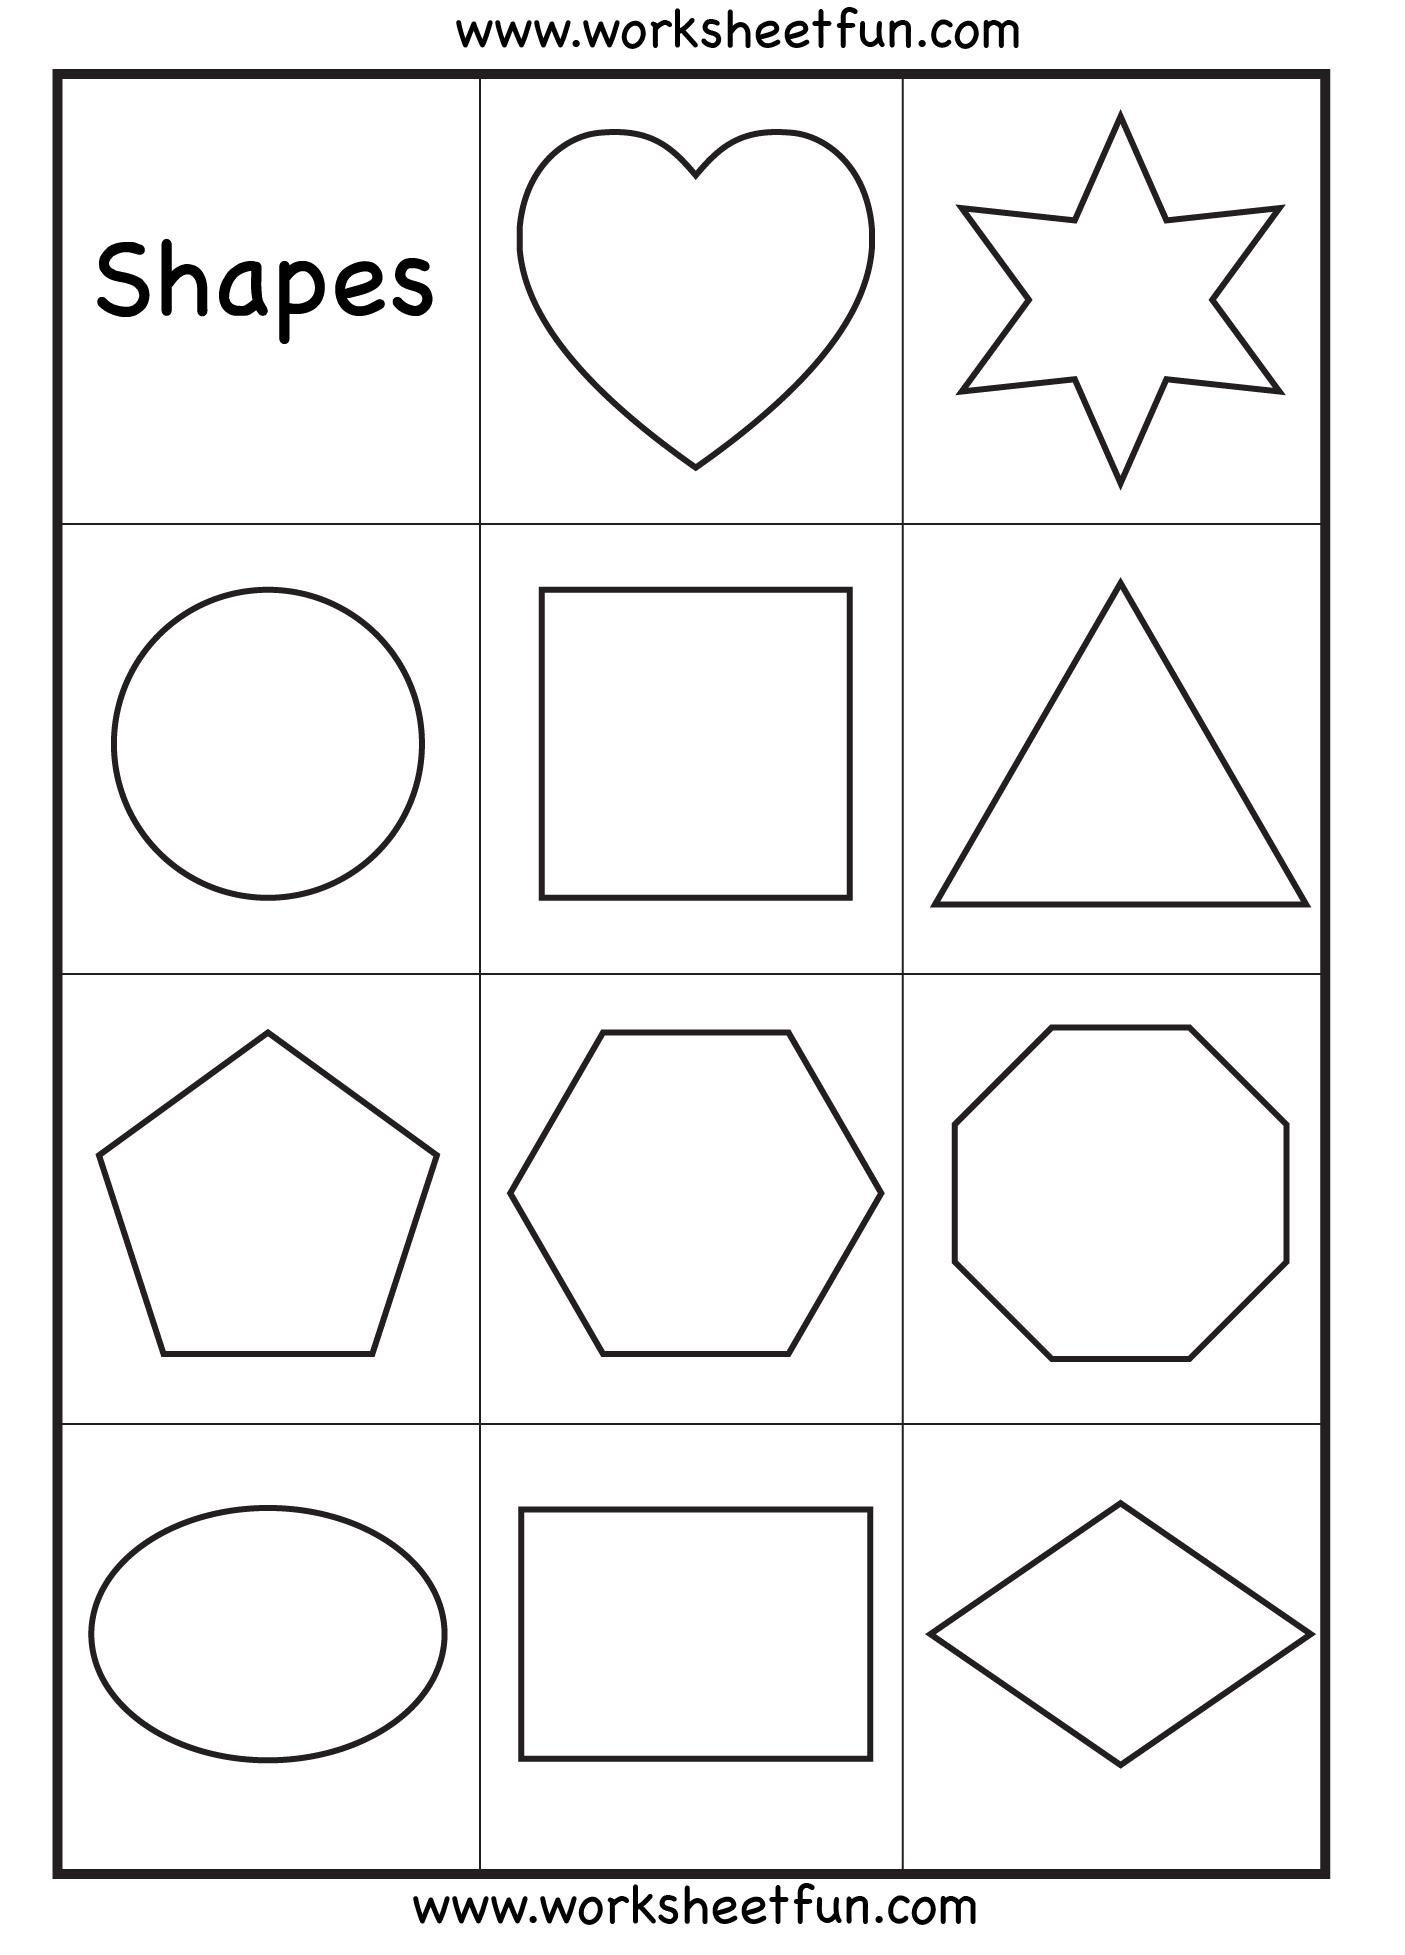 6 Best Images of Basic Shapes Printables - Basic Geometric ...